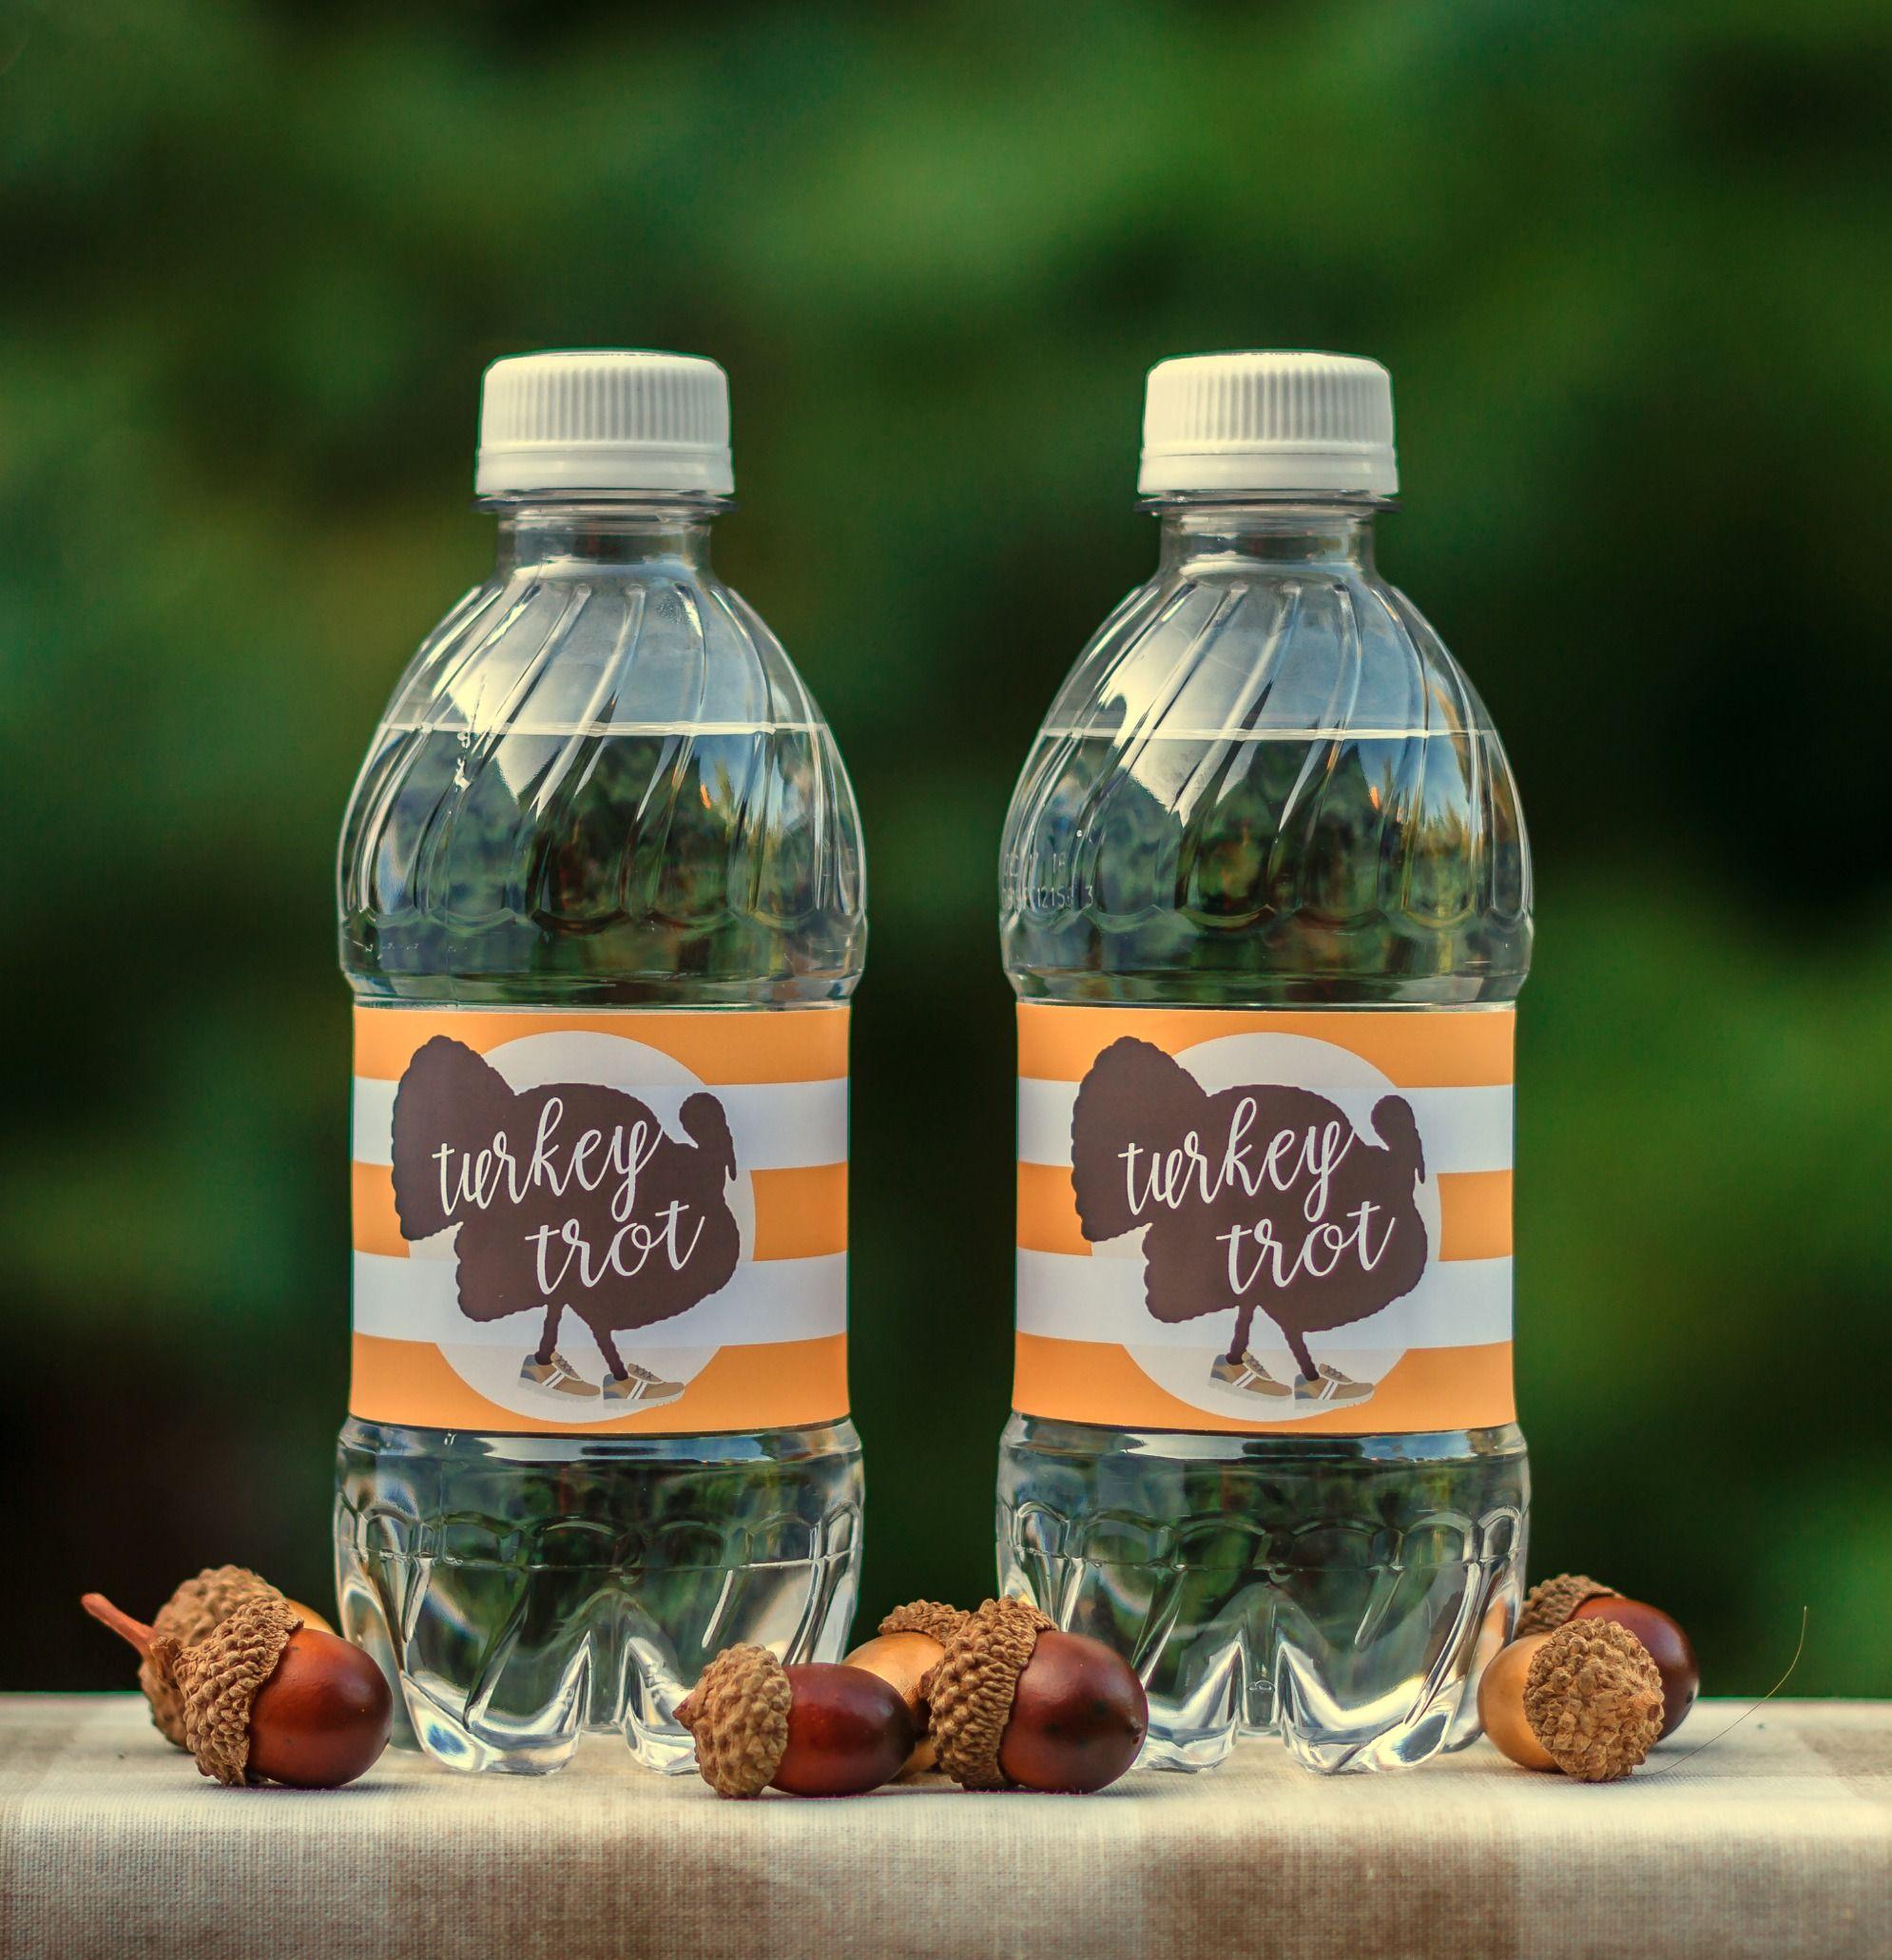 Turkey trot water bottle labels waterproof adhesive water bottle